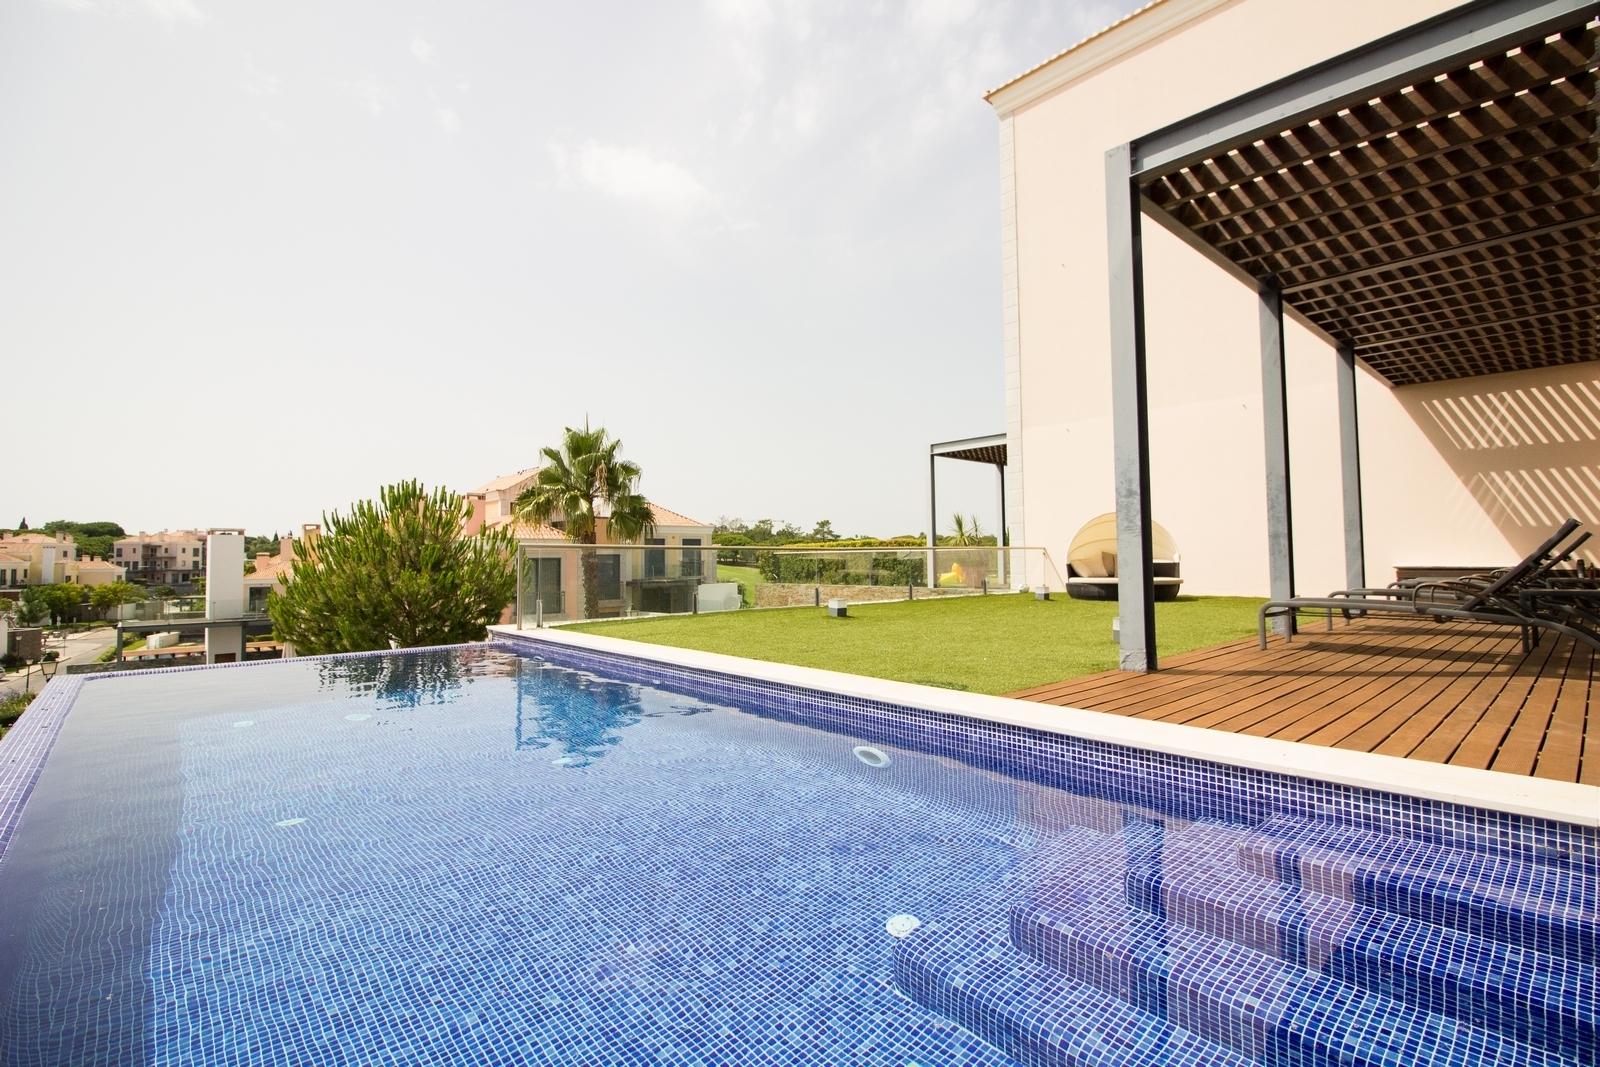 3 Bedroom Apartment Vale do Lobo, Central Algarve Ref: PA3379